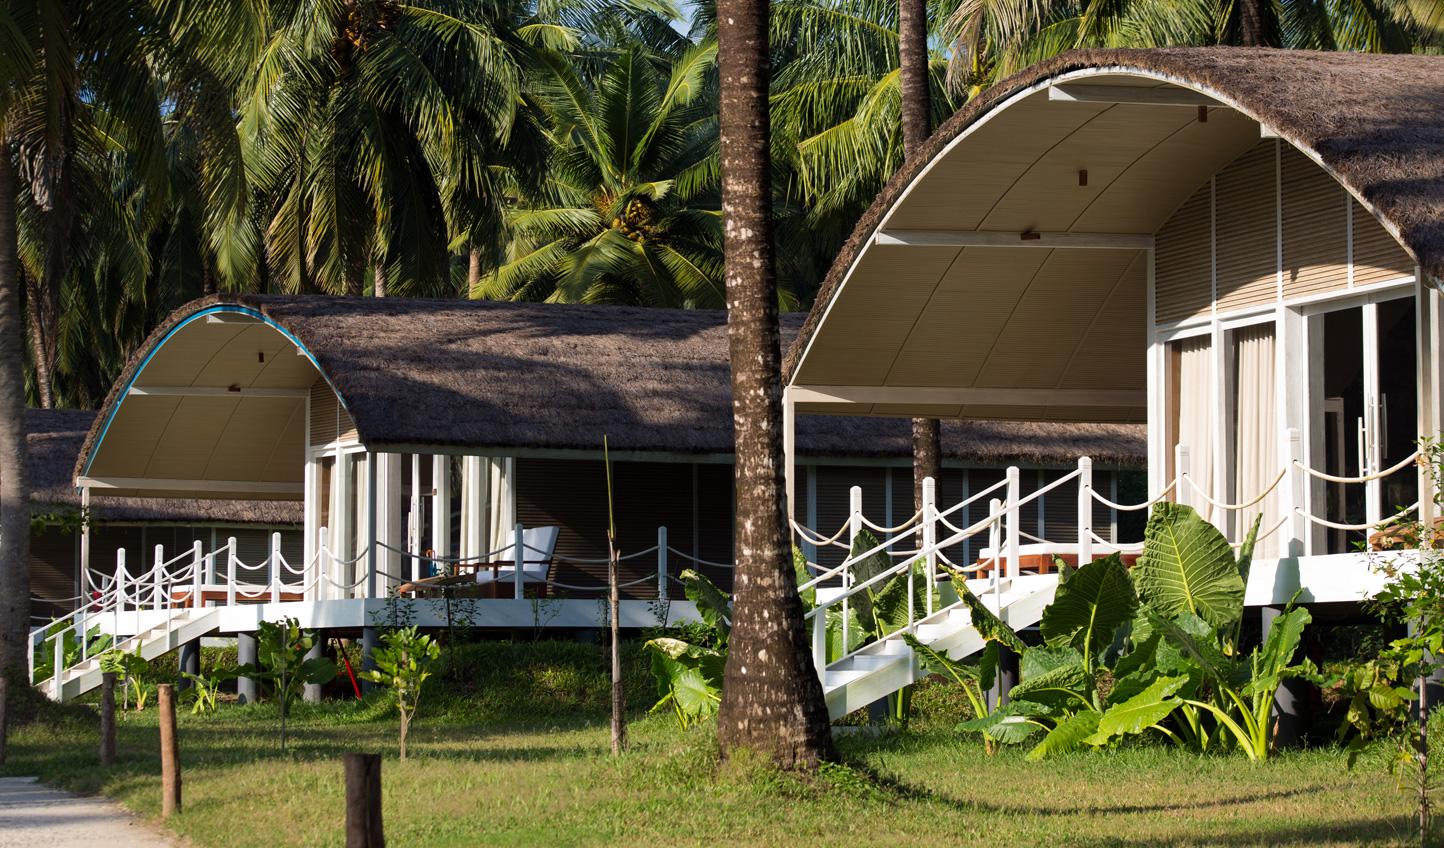 A tranquil getaway hidden by lush jungle